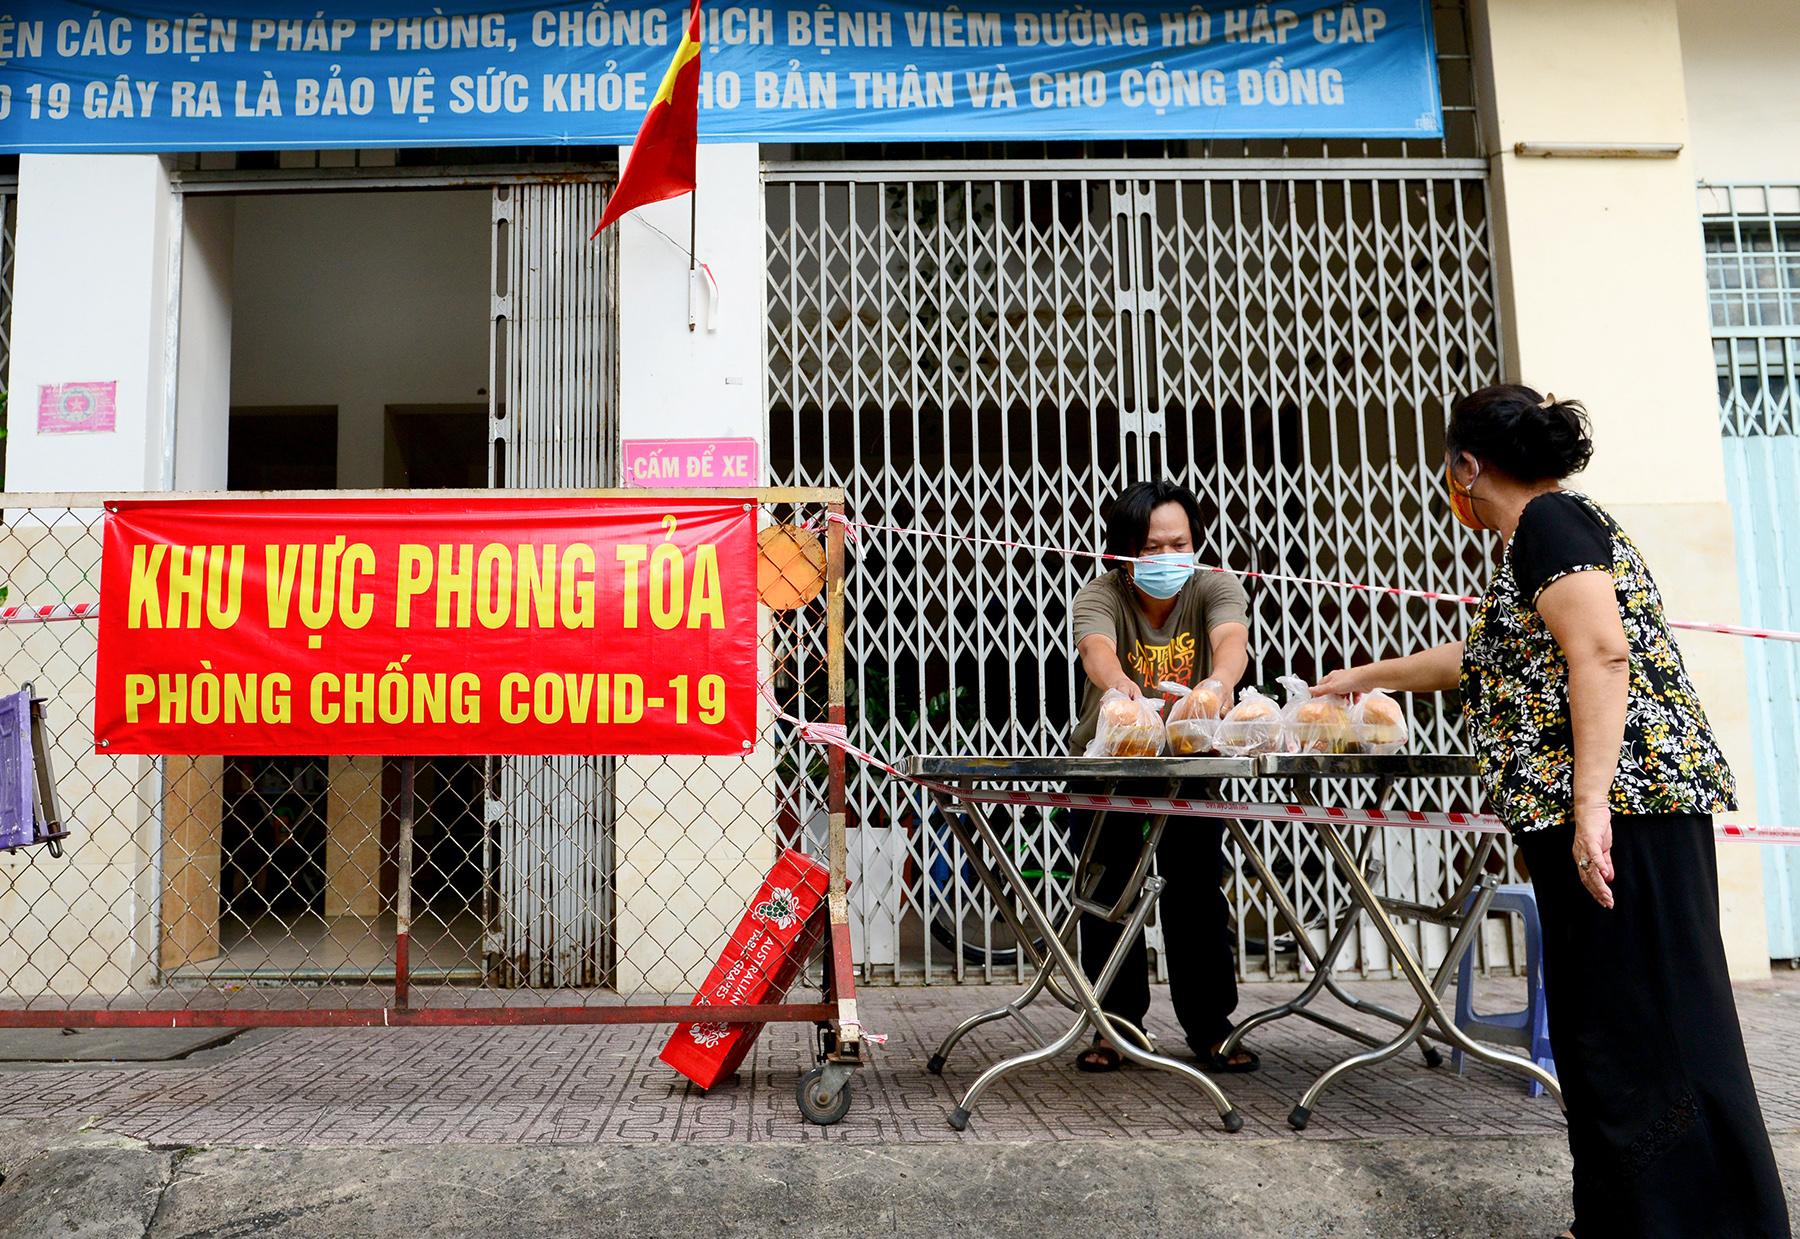 Chủ nhà hàng nấu 2.000 suất ăn miễn phí mỗi ngày cho lao động nghèo, khu phong toả ở Sài Gòn - 9